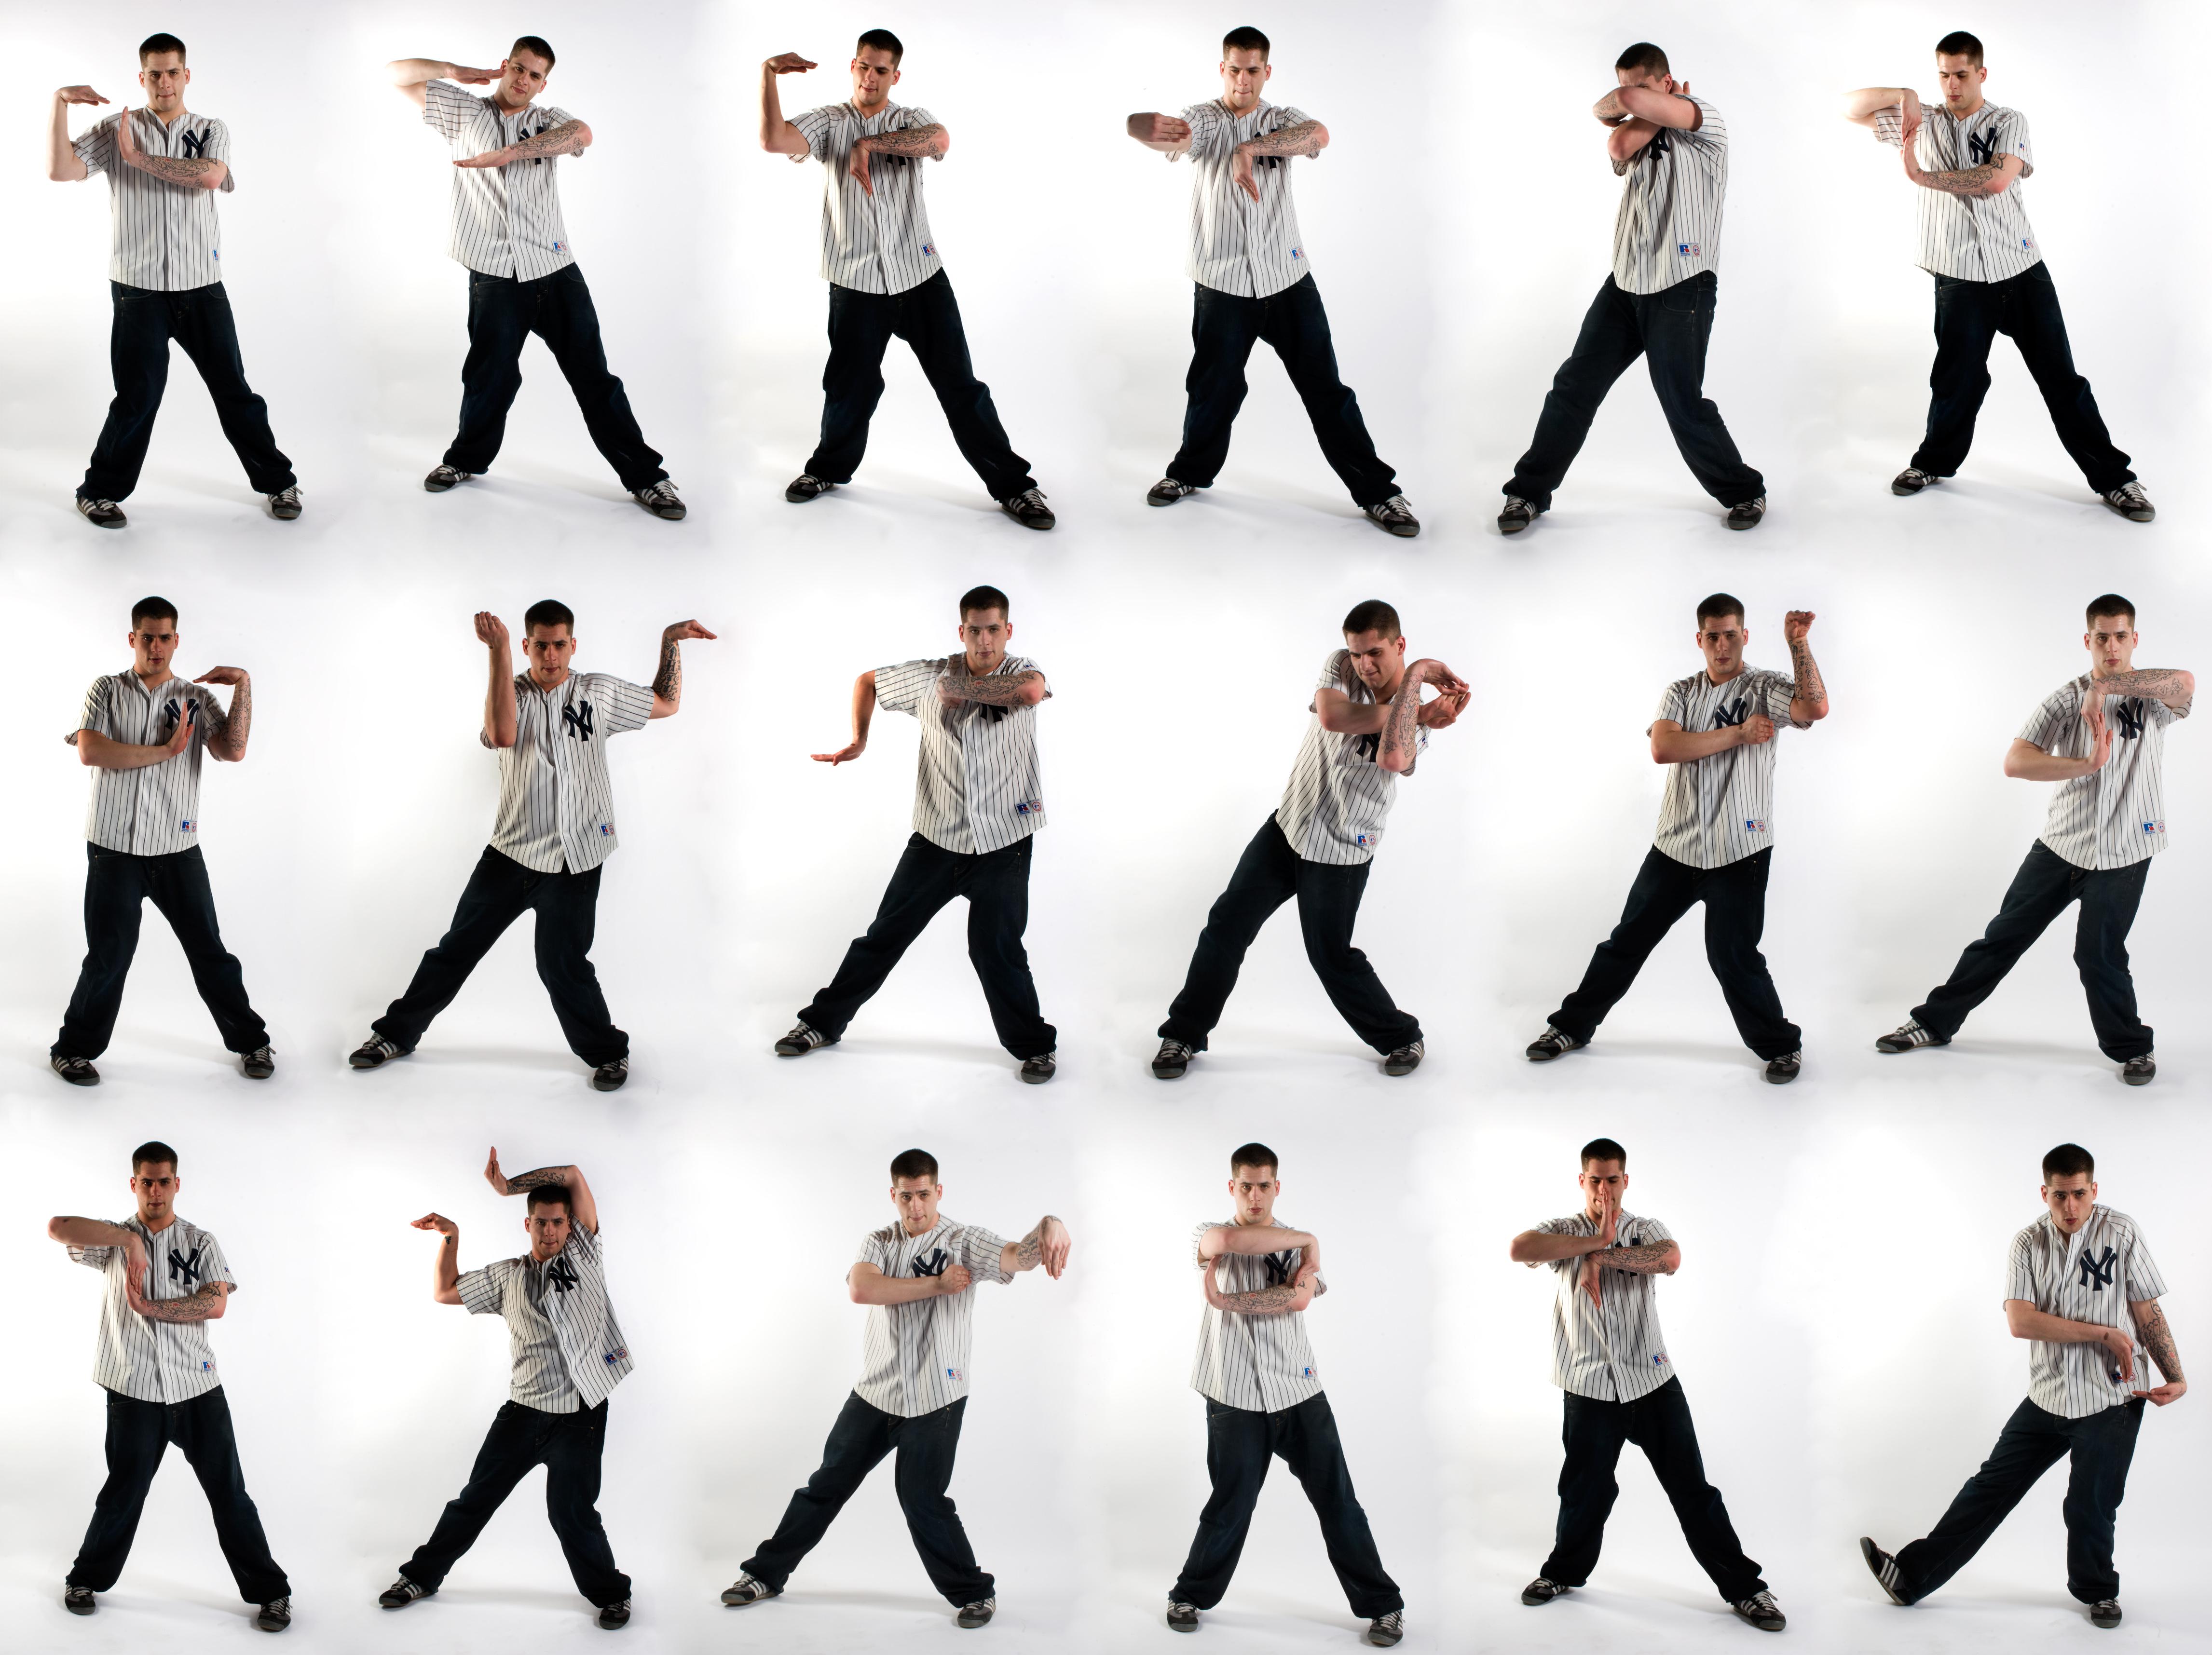 танцы для начинающих в картинках пошагово чтобы